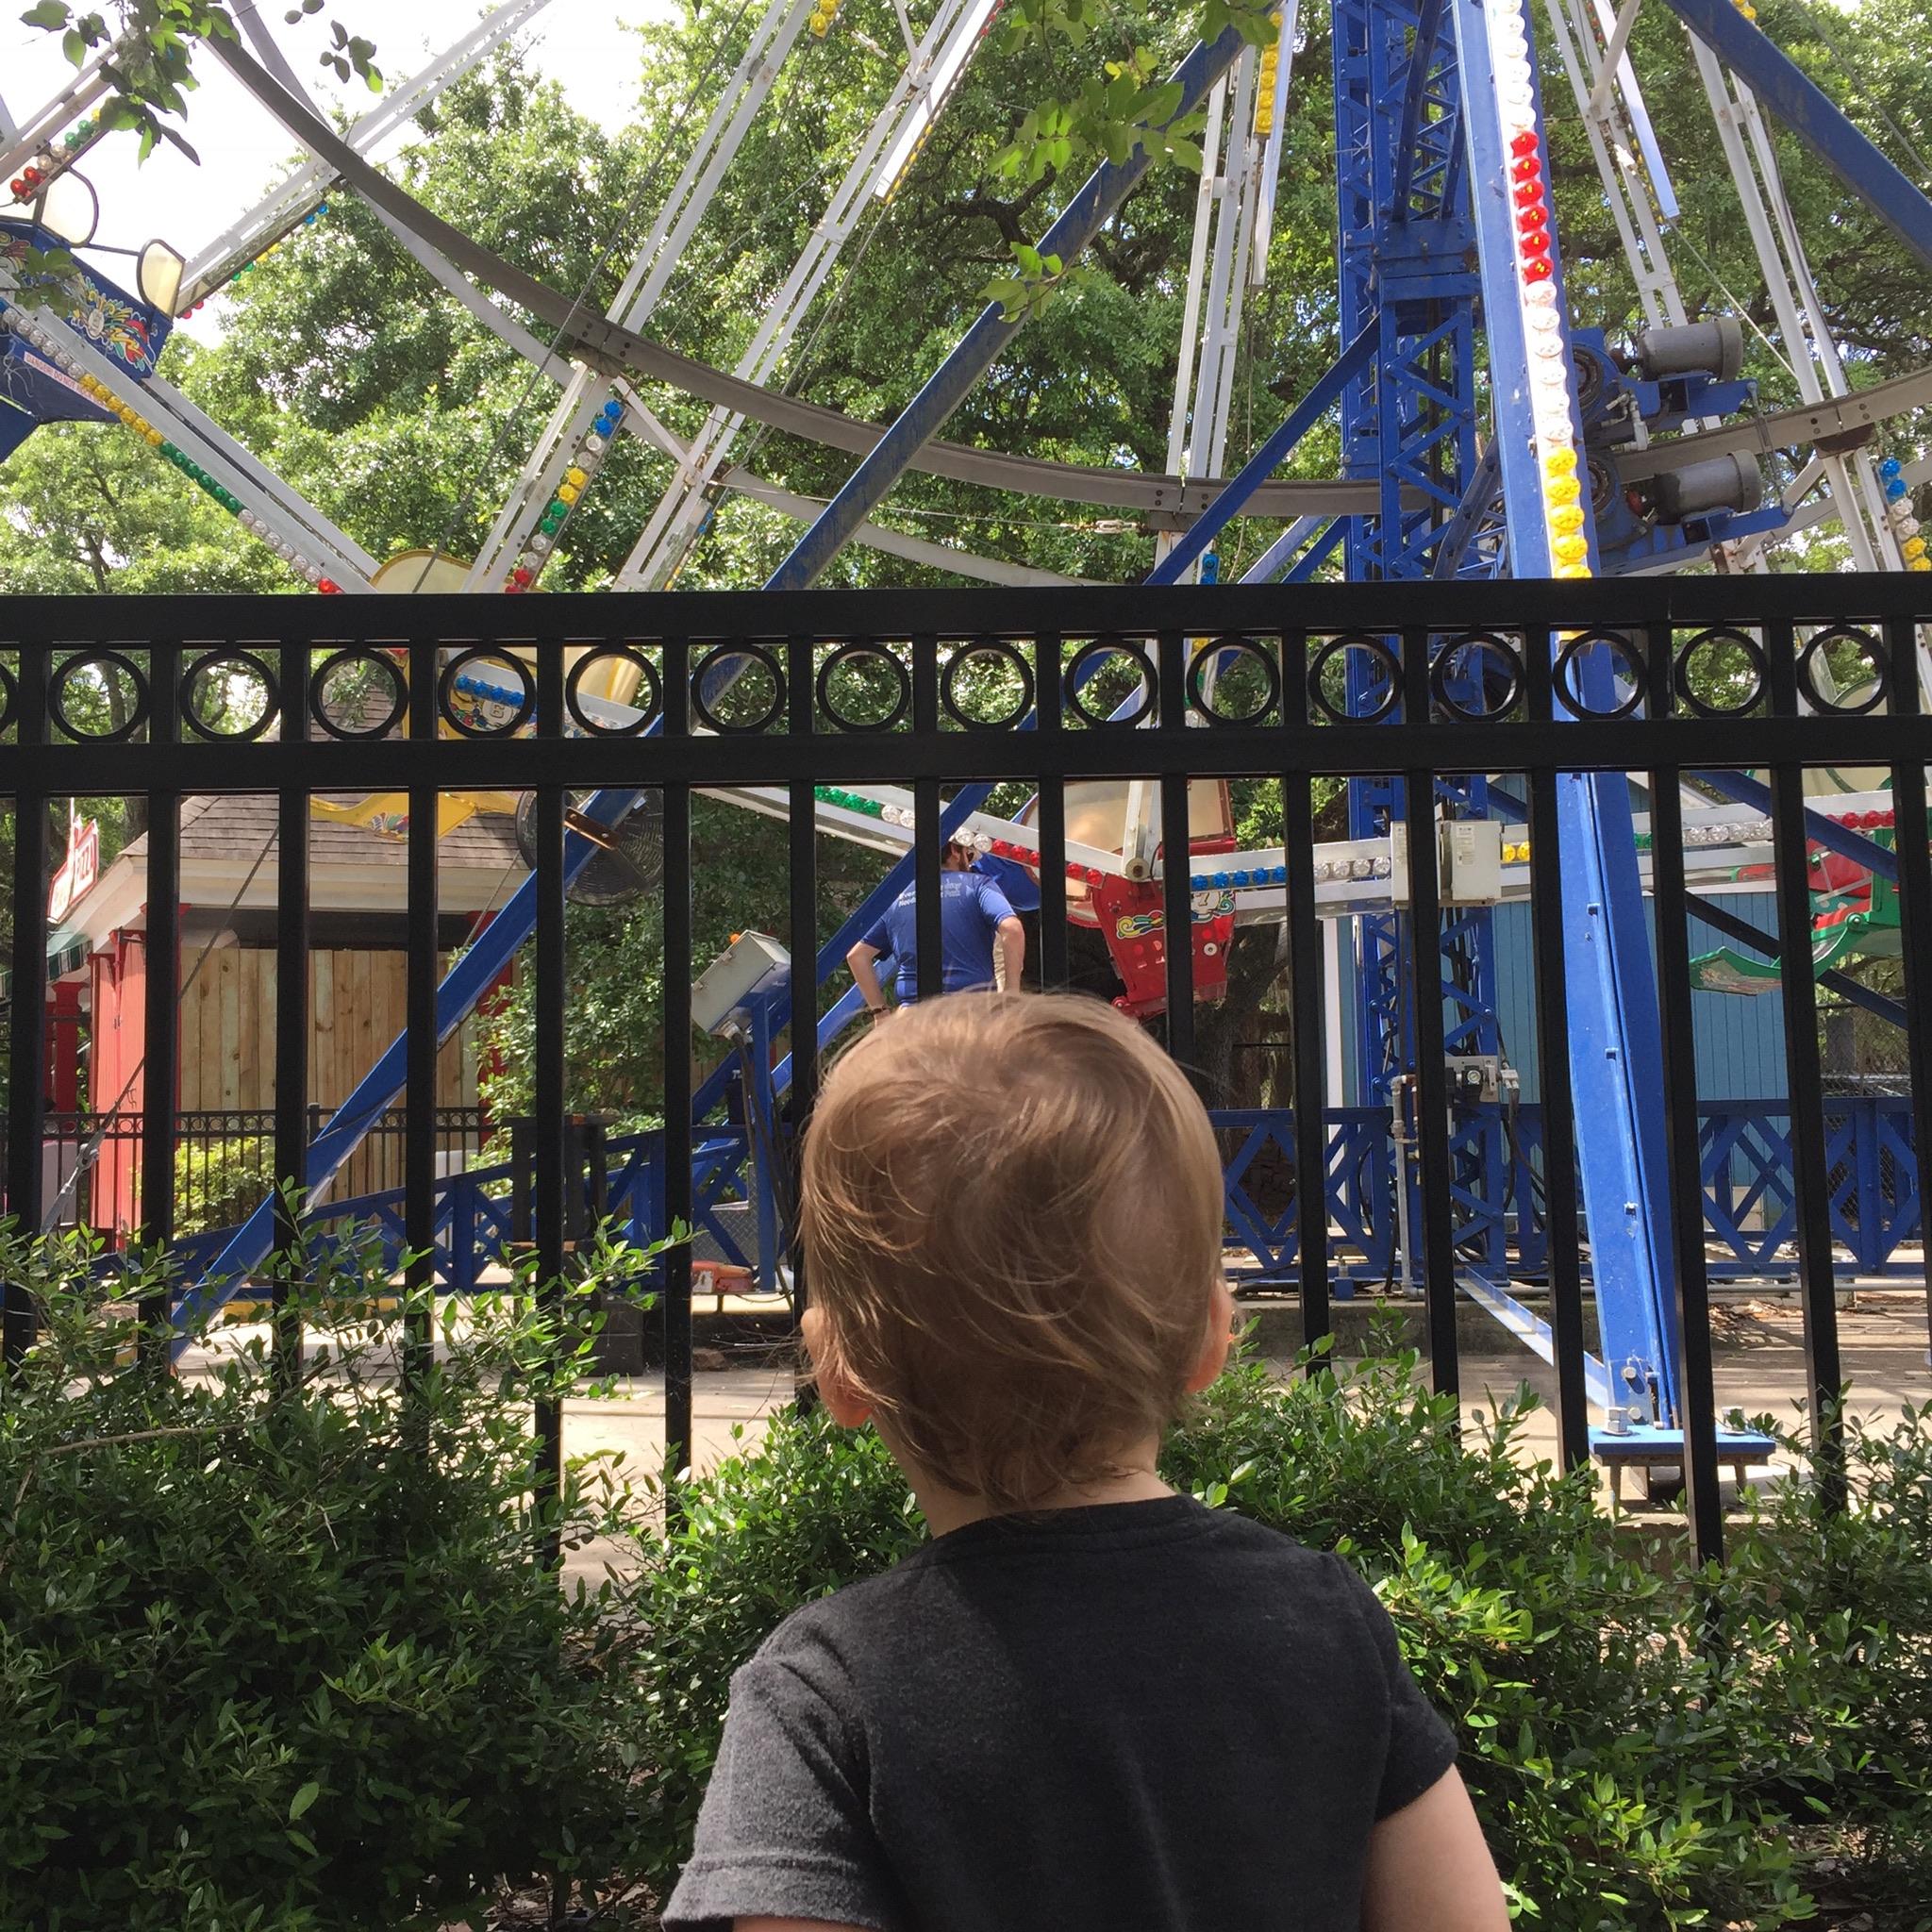 James at the City Park Amusement Park.